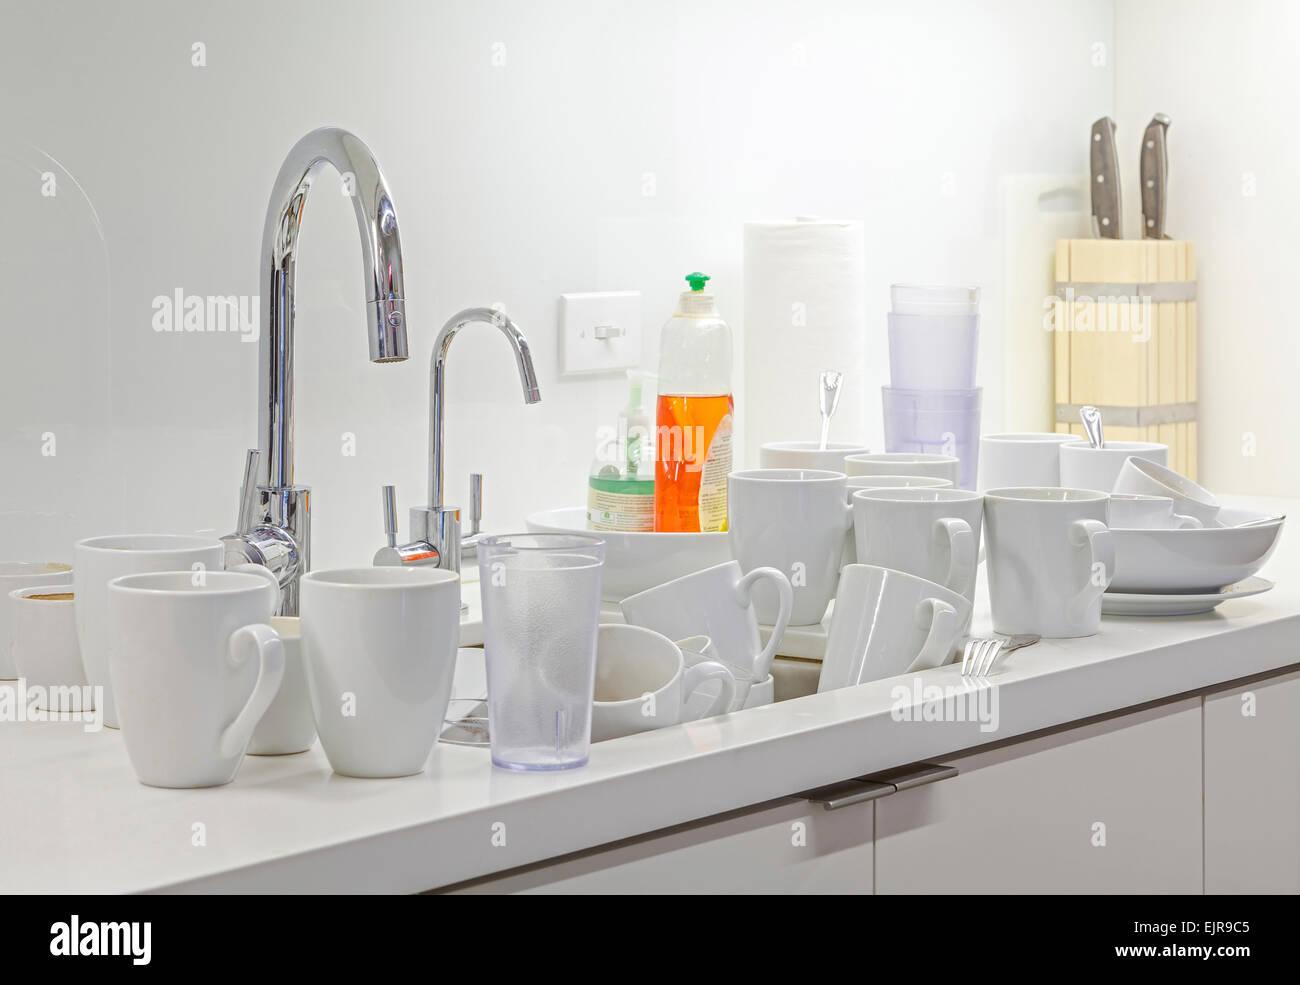 Schmutziges Geschirr in der Nähe von Küchenspüle Stockbild